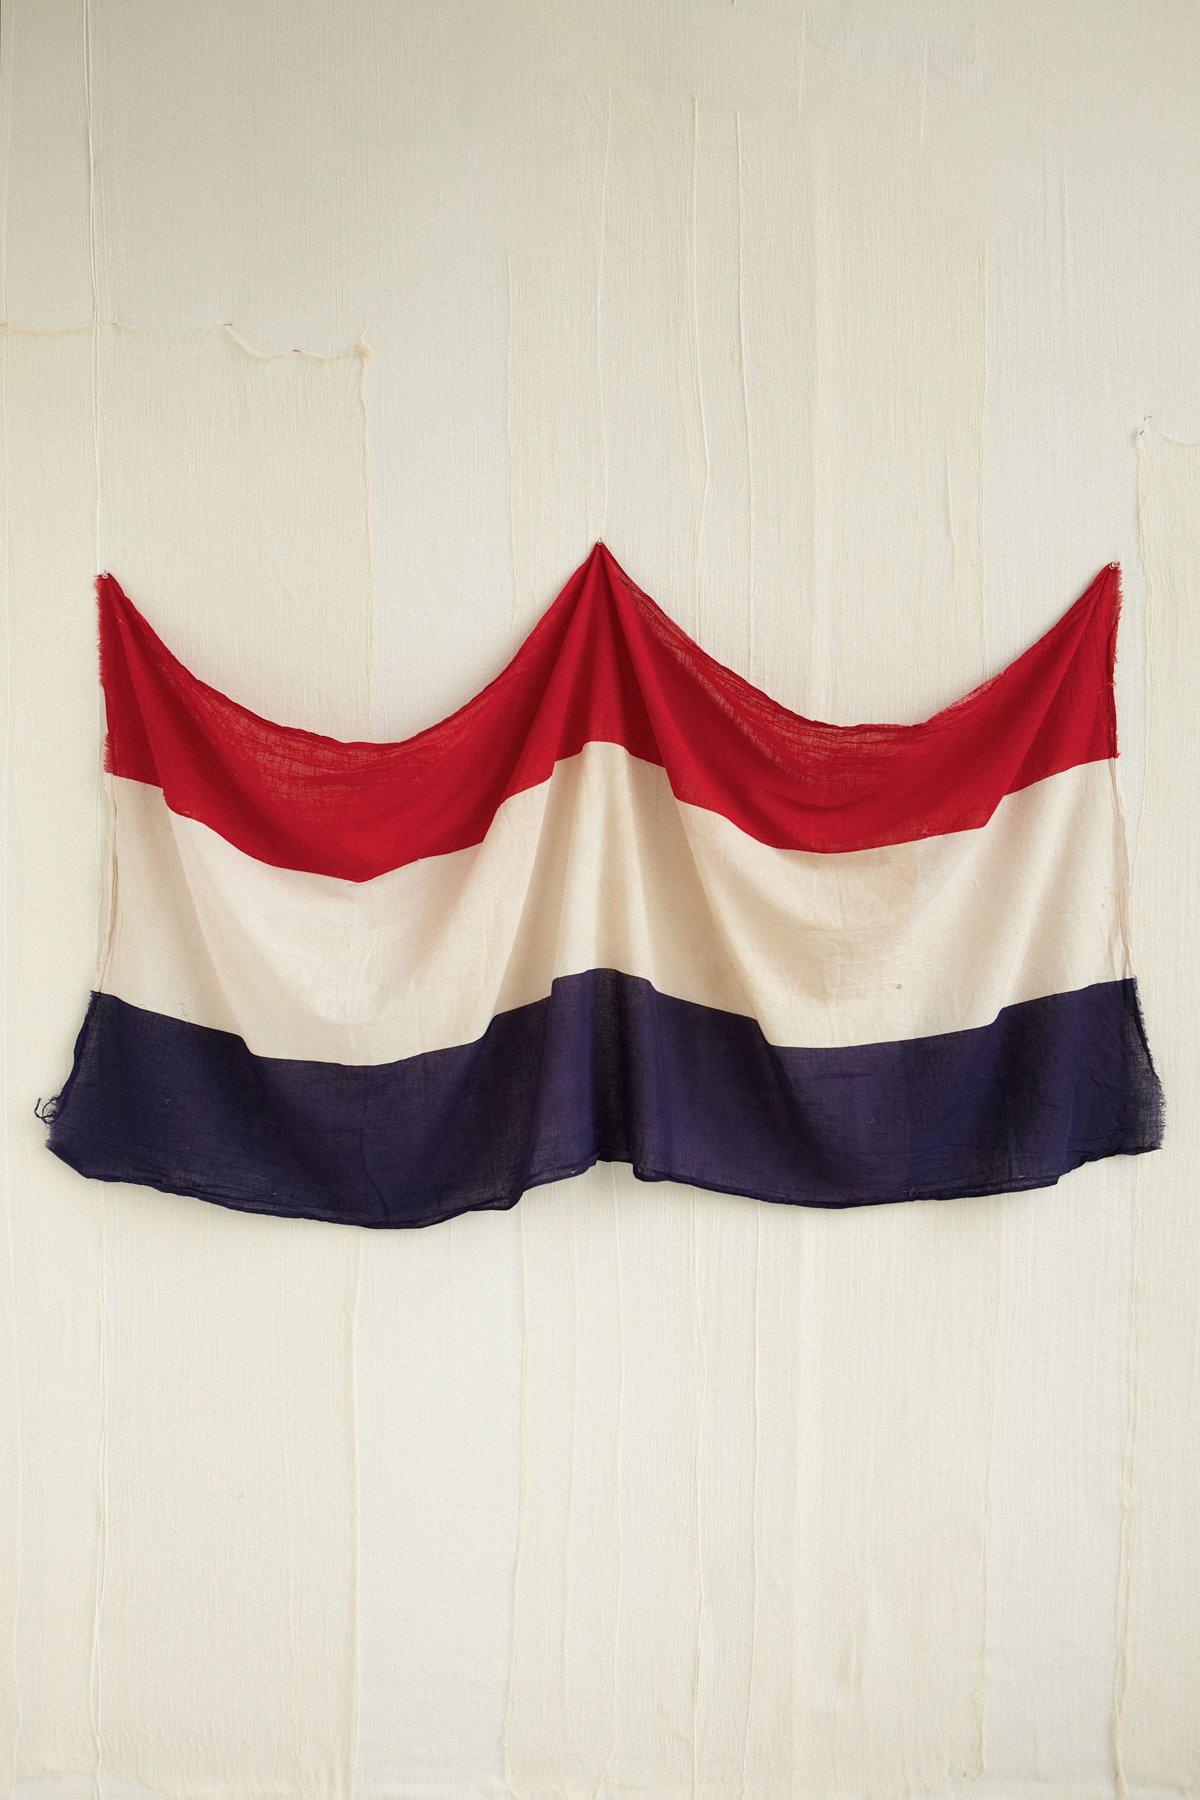 Vintage Netherlands Flag